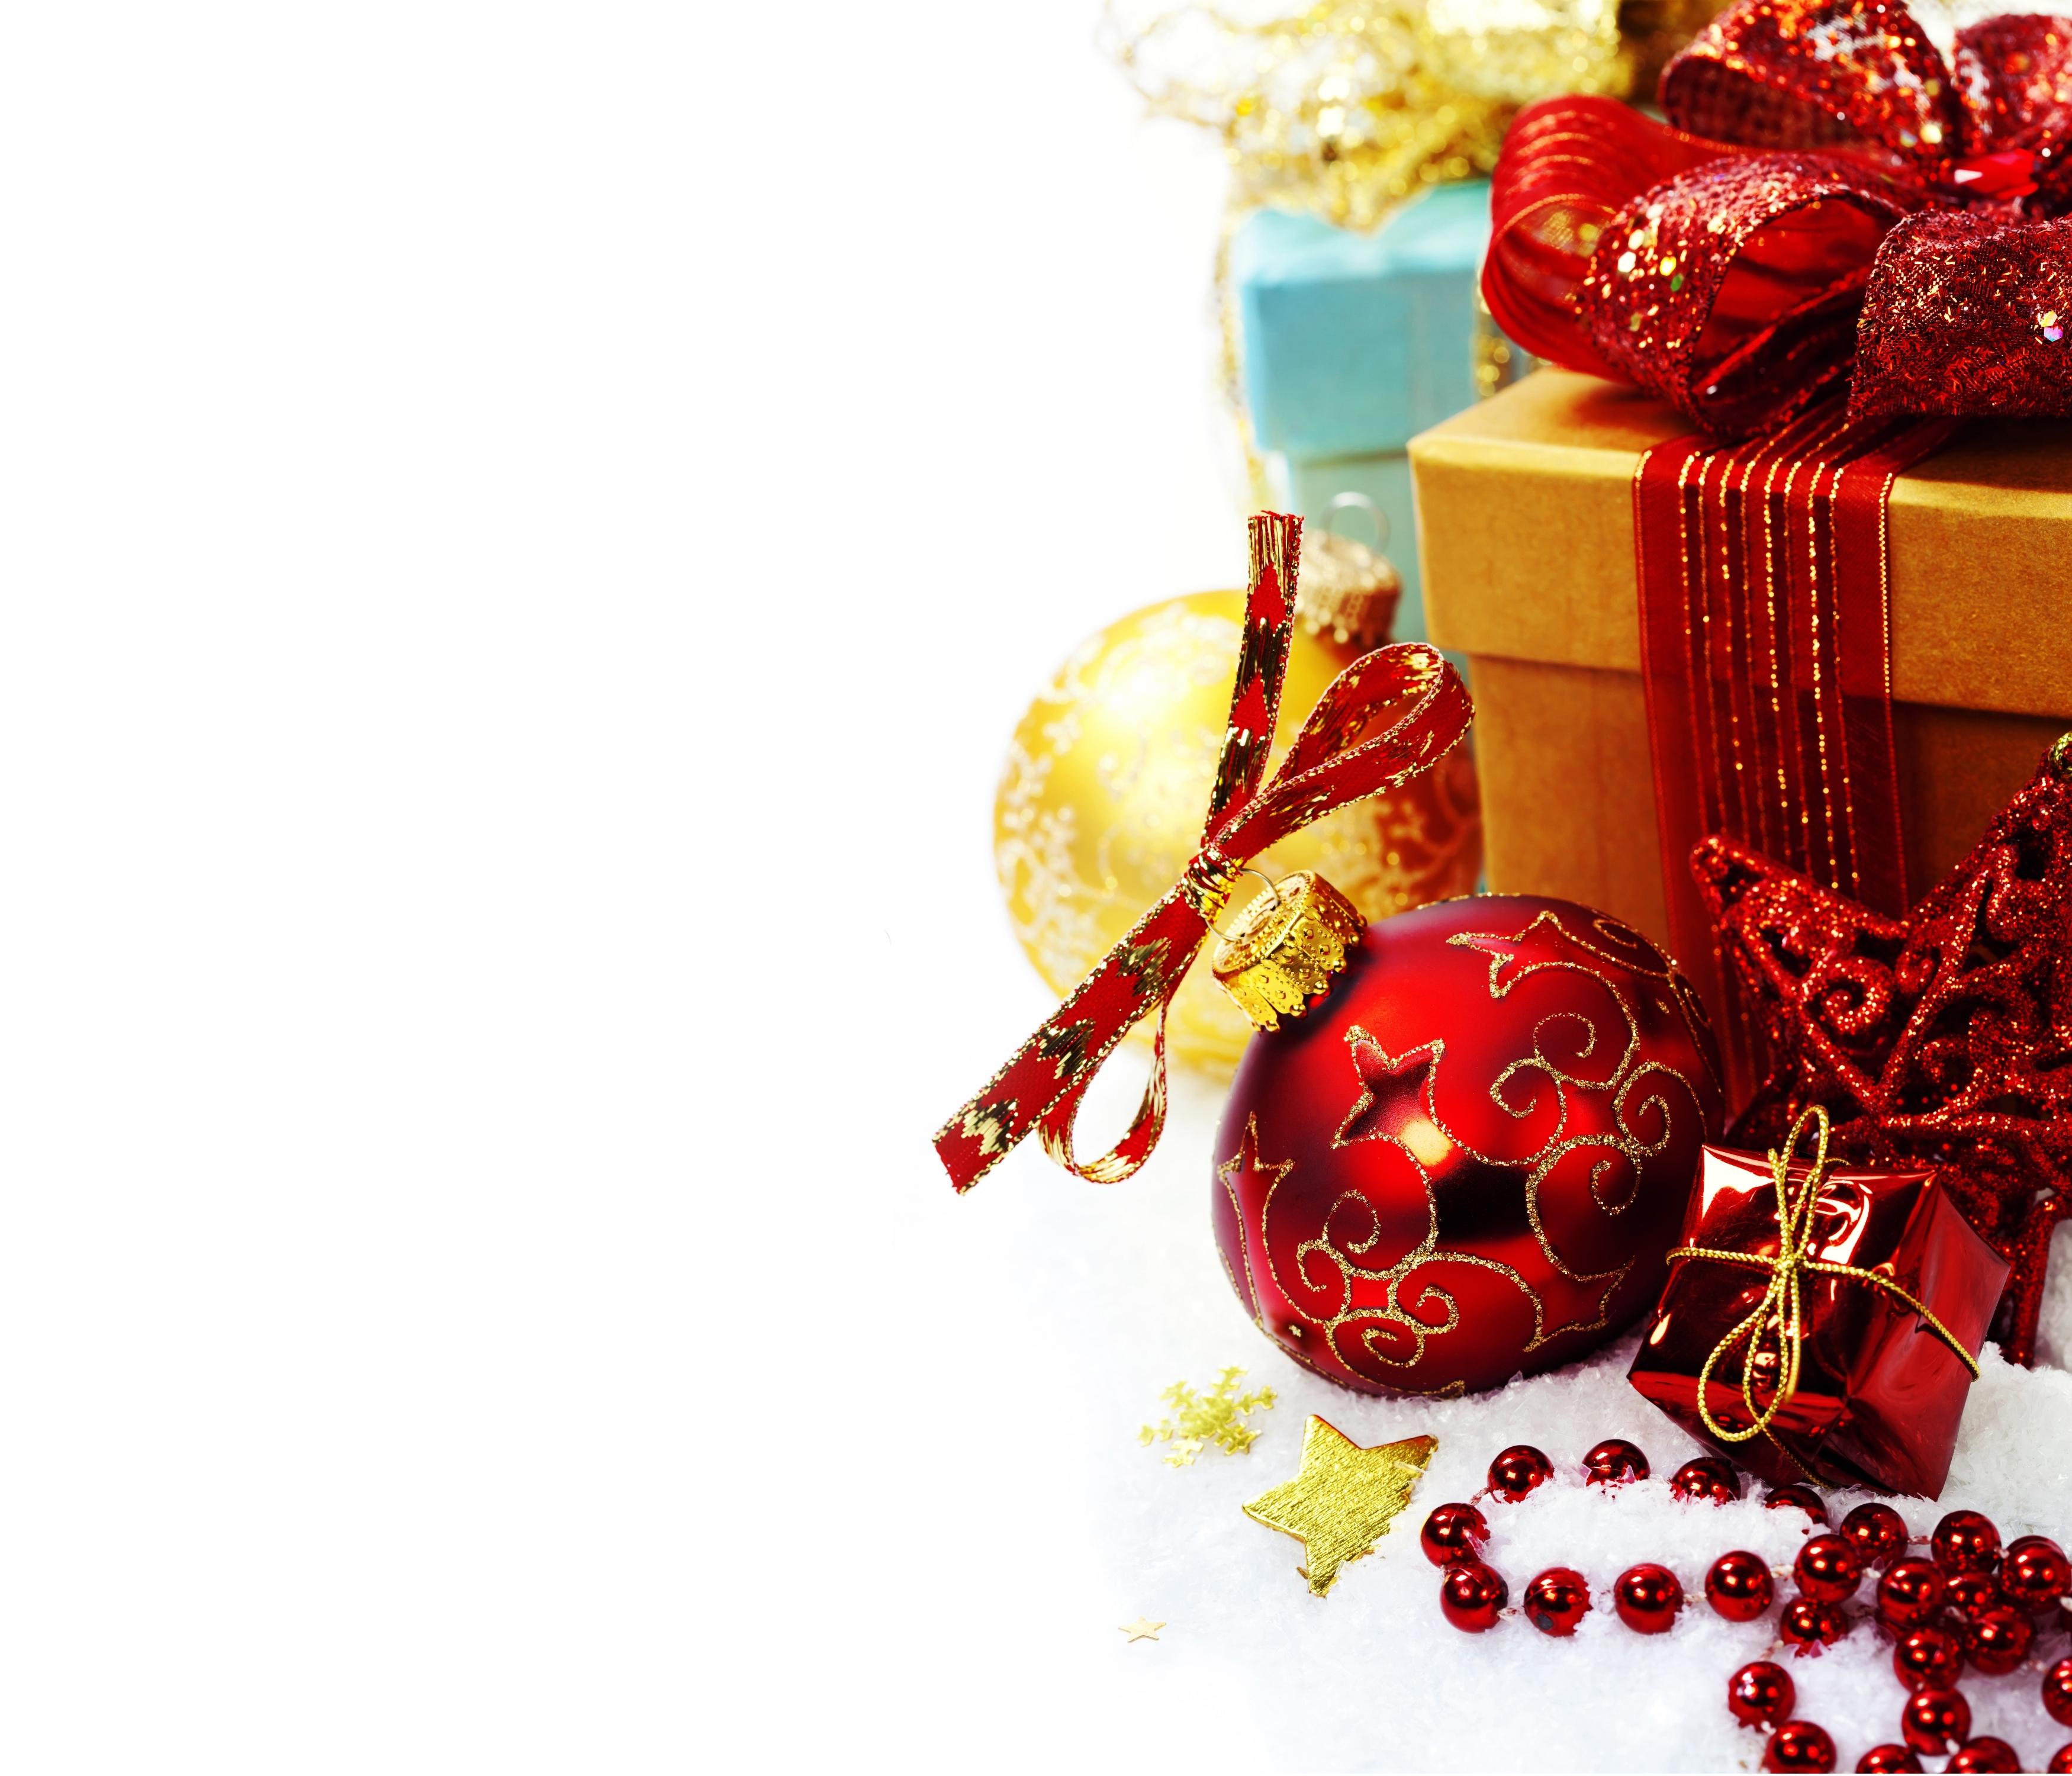 Брендированные подарки к новому году